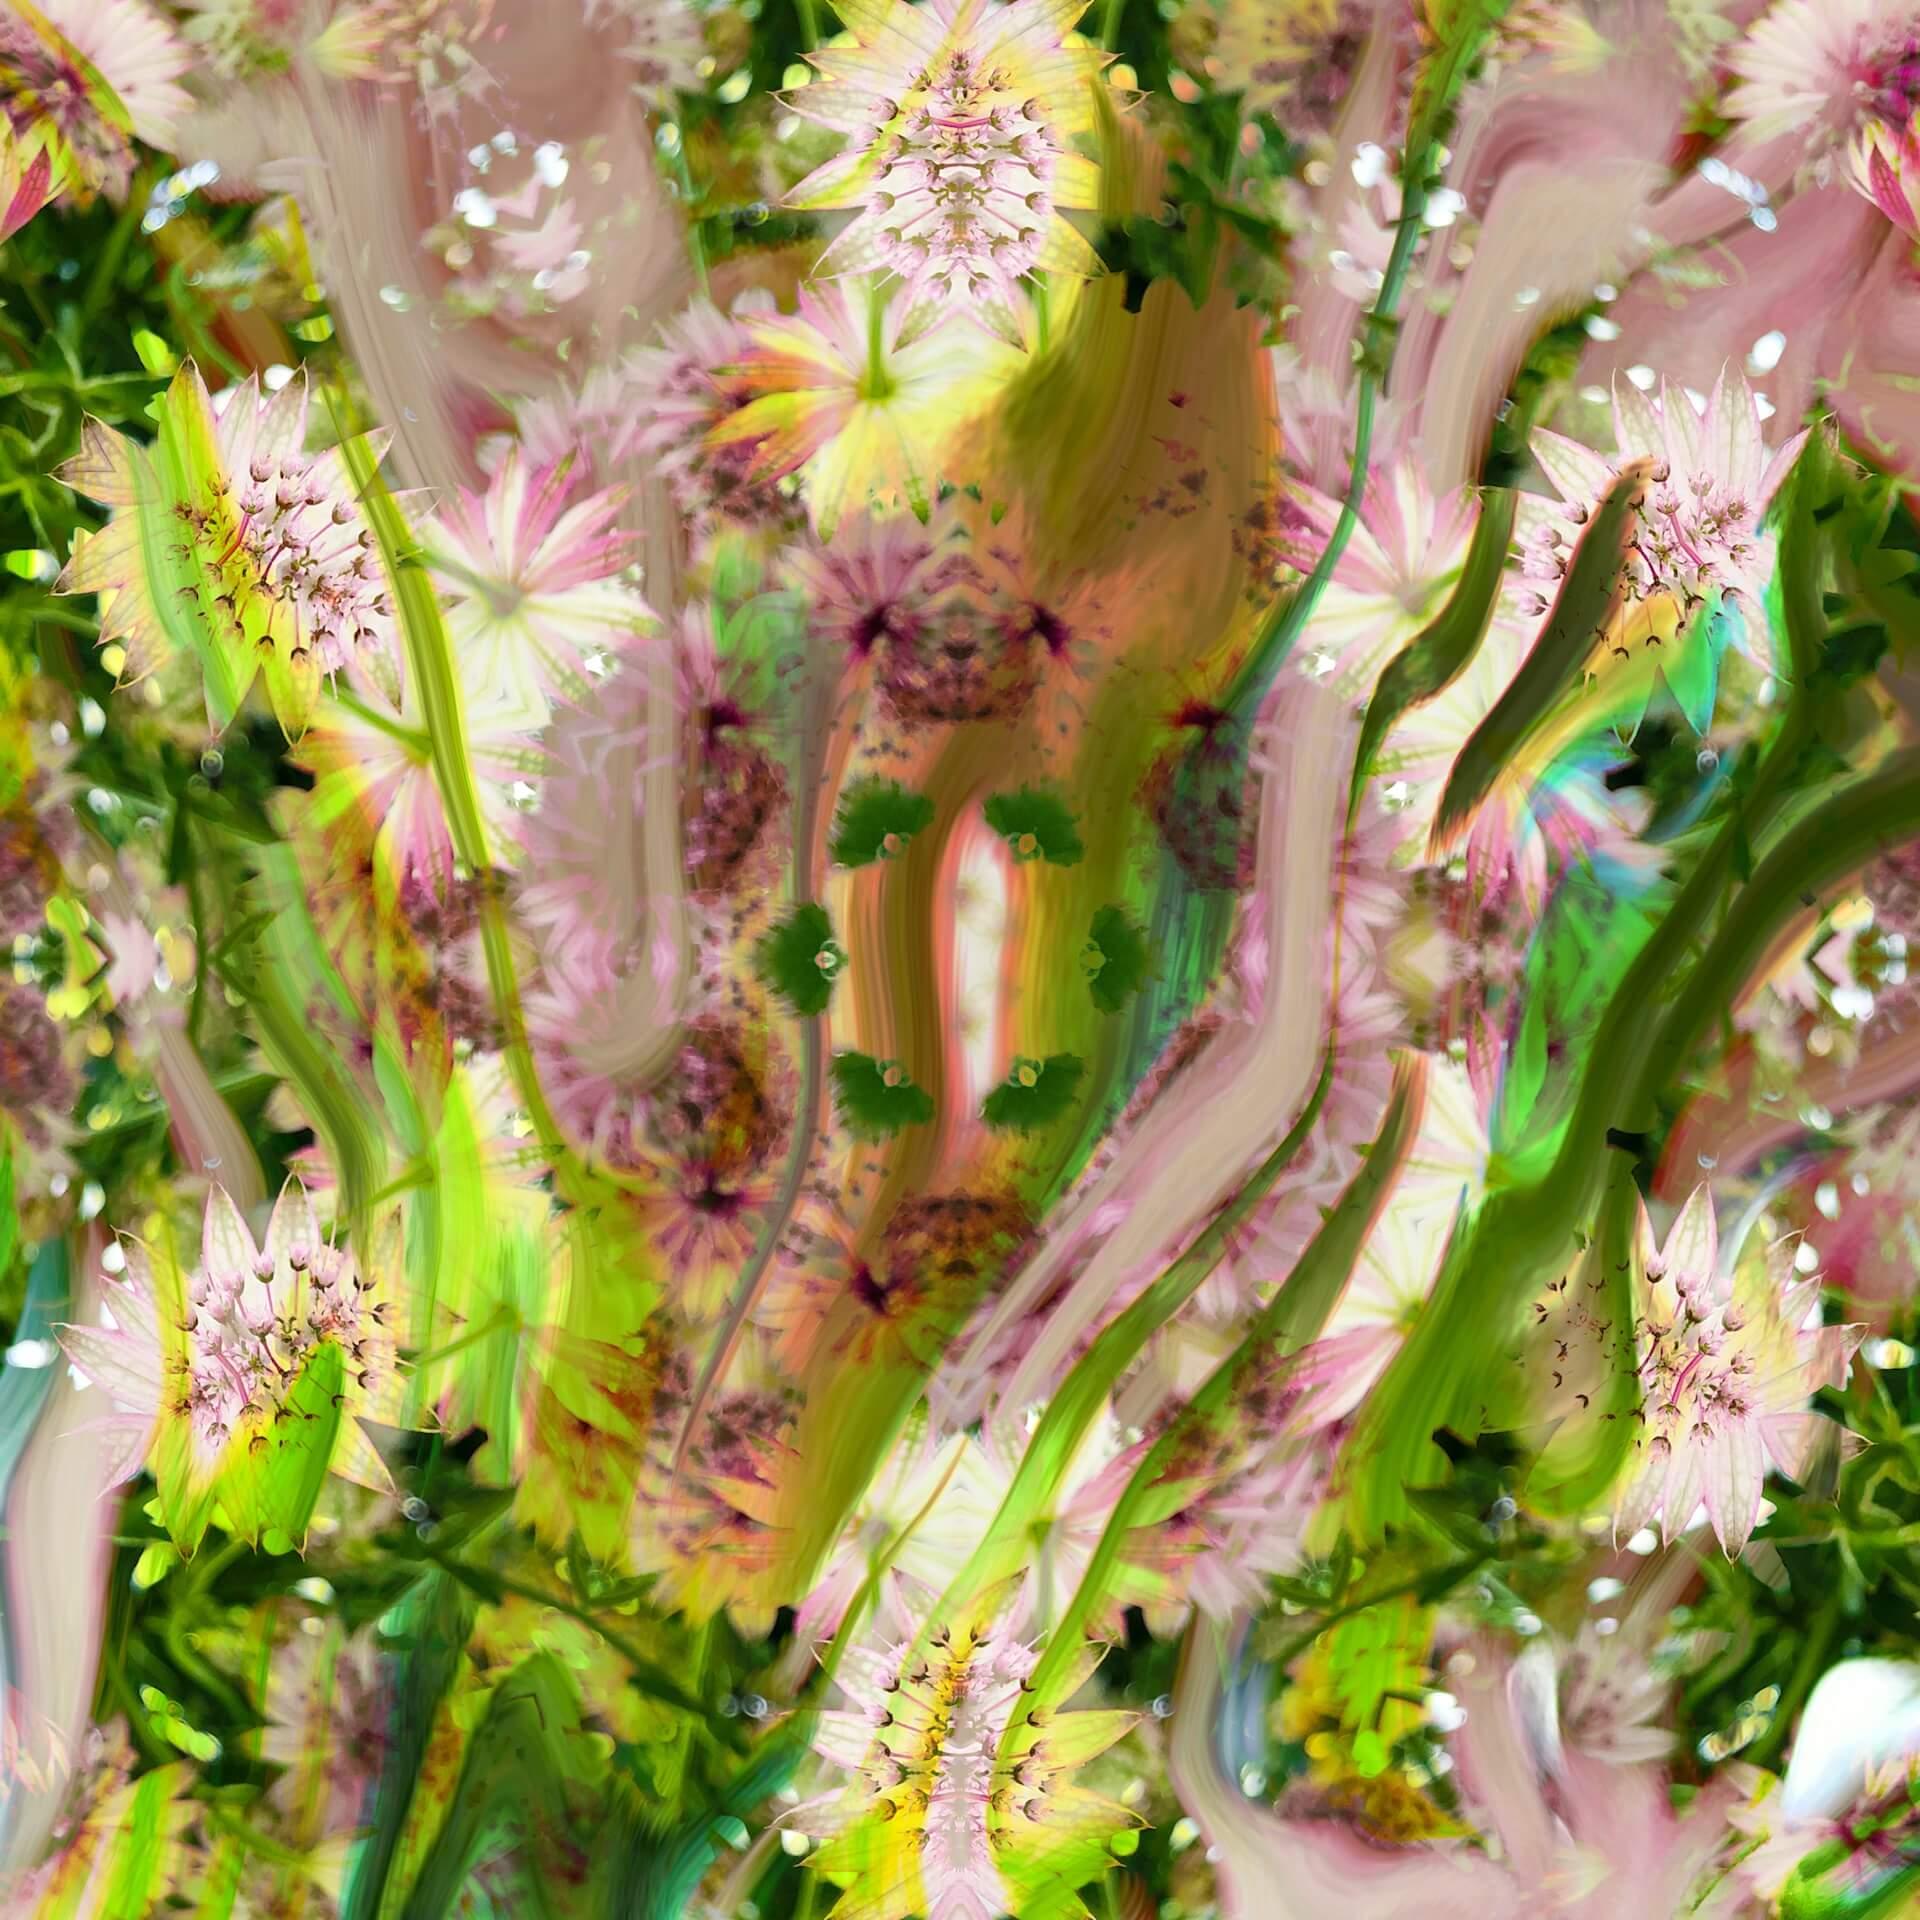 黒瀧節也による音楽と写真を組み合わせたアートヴァイナルやNFT作品のエキシビジョン<ALTER EGO>が原宿 THE PLUGにて開催! art210604_alterego_8